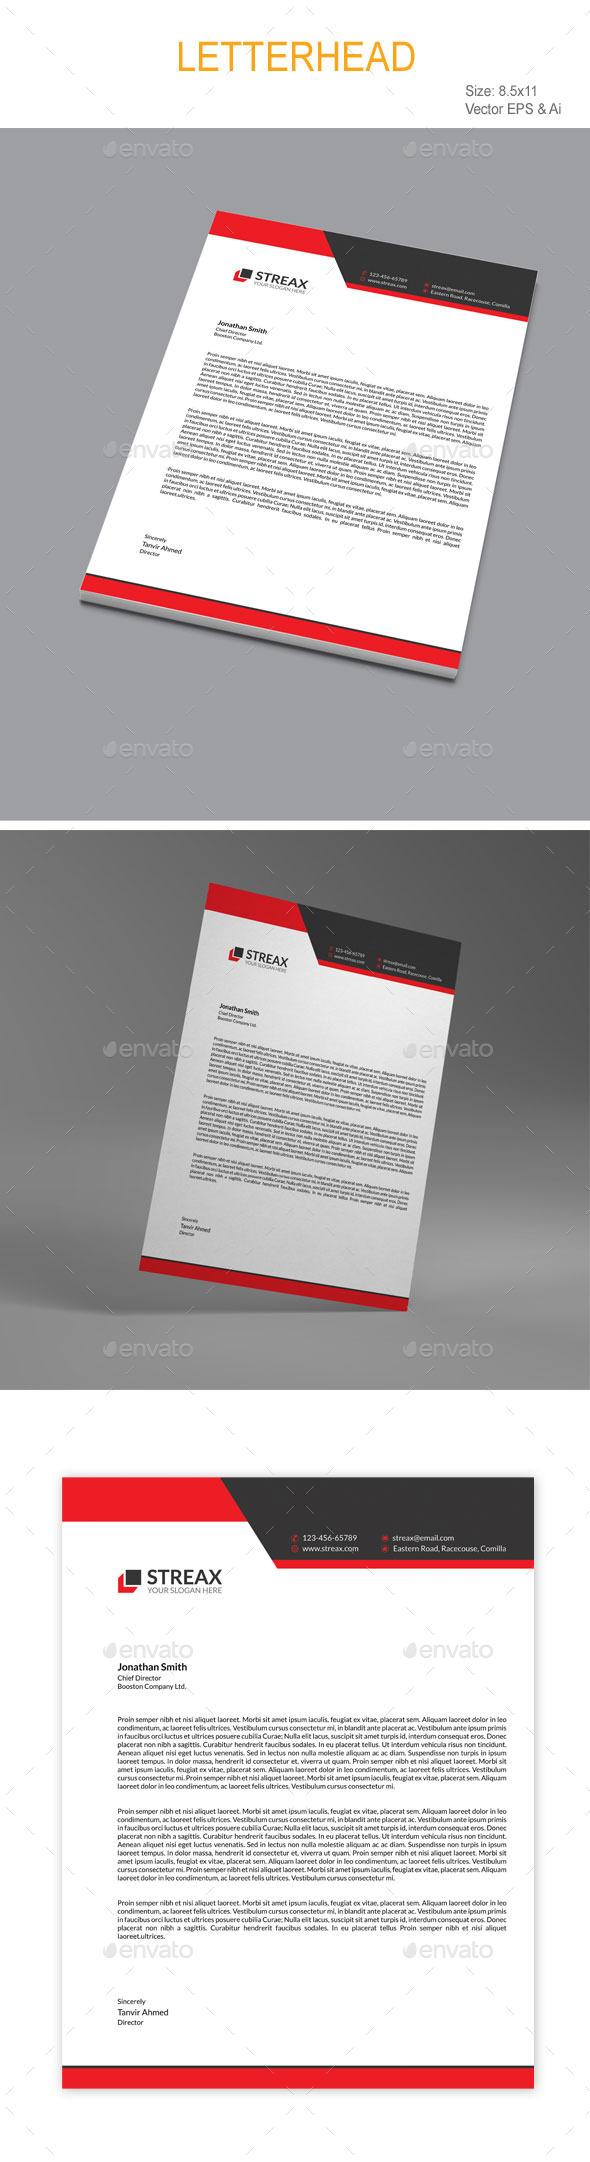 GraphicRiver Letterhead 10720791